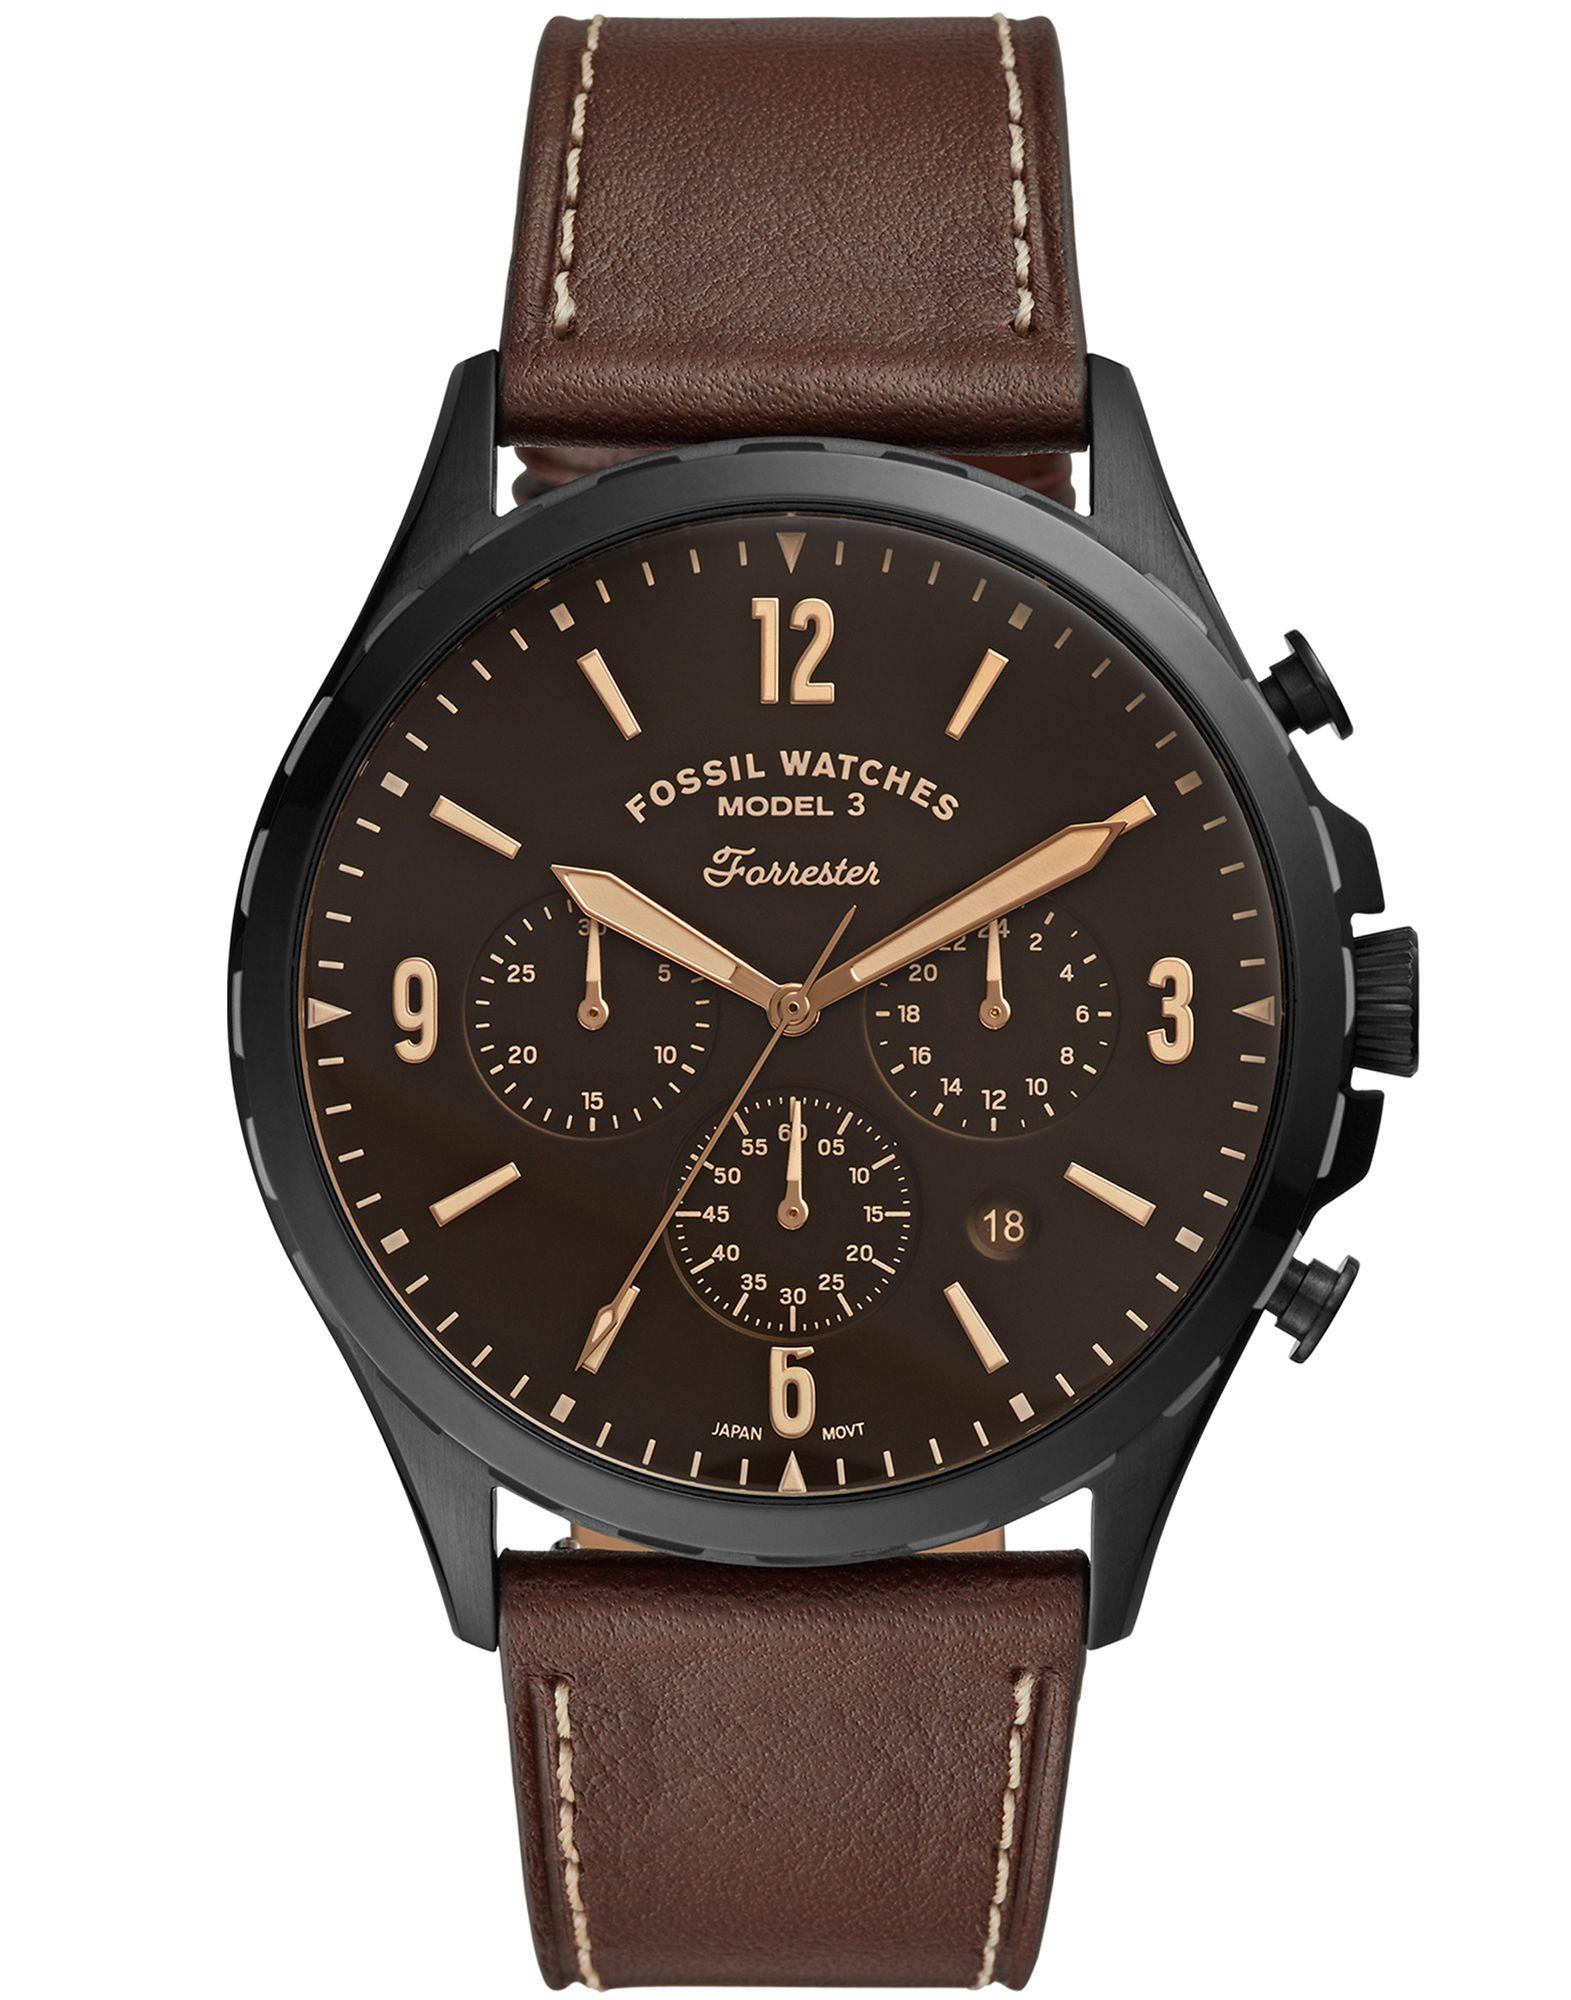 《セール開催中》FOSSIL メンズ 腕時計 ダークブラウン ステンレススチール / 革 FORRESTER CHRONO